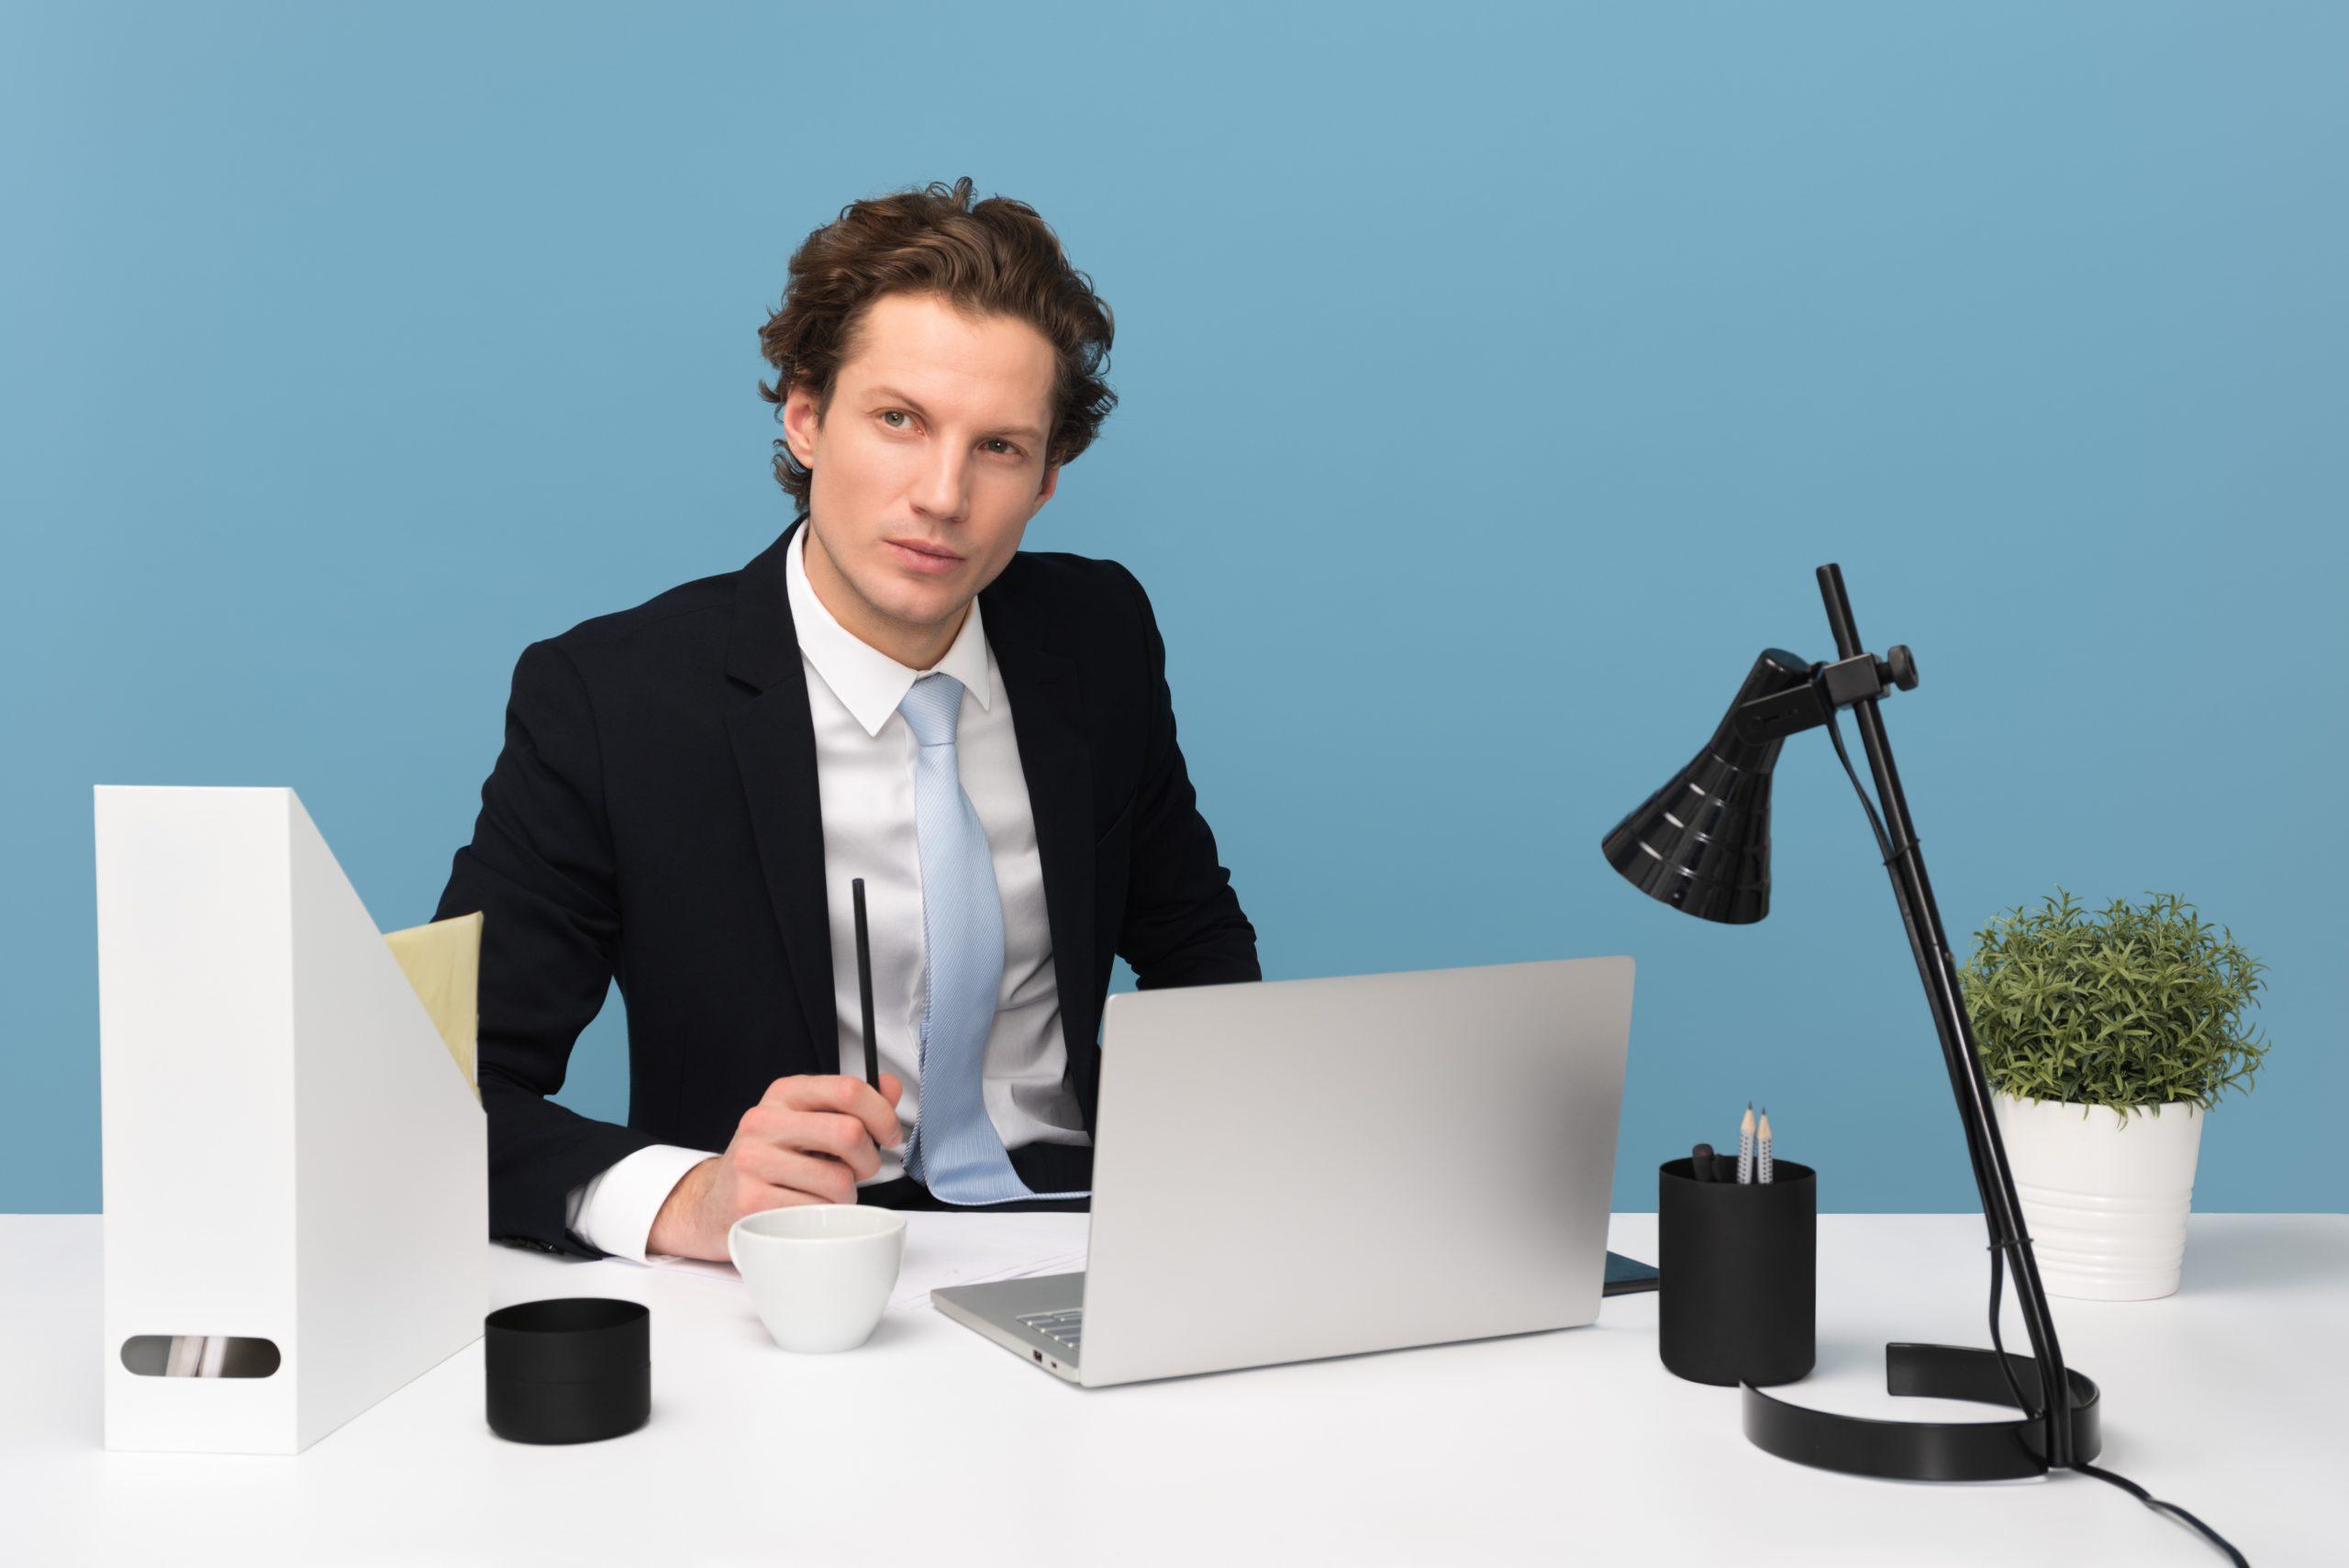 Hombre pensando y enfocado en los resultados de sus negocios